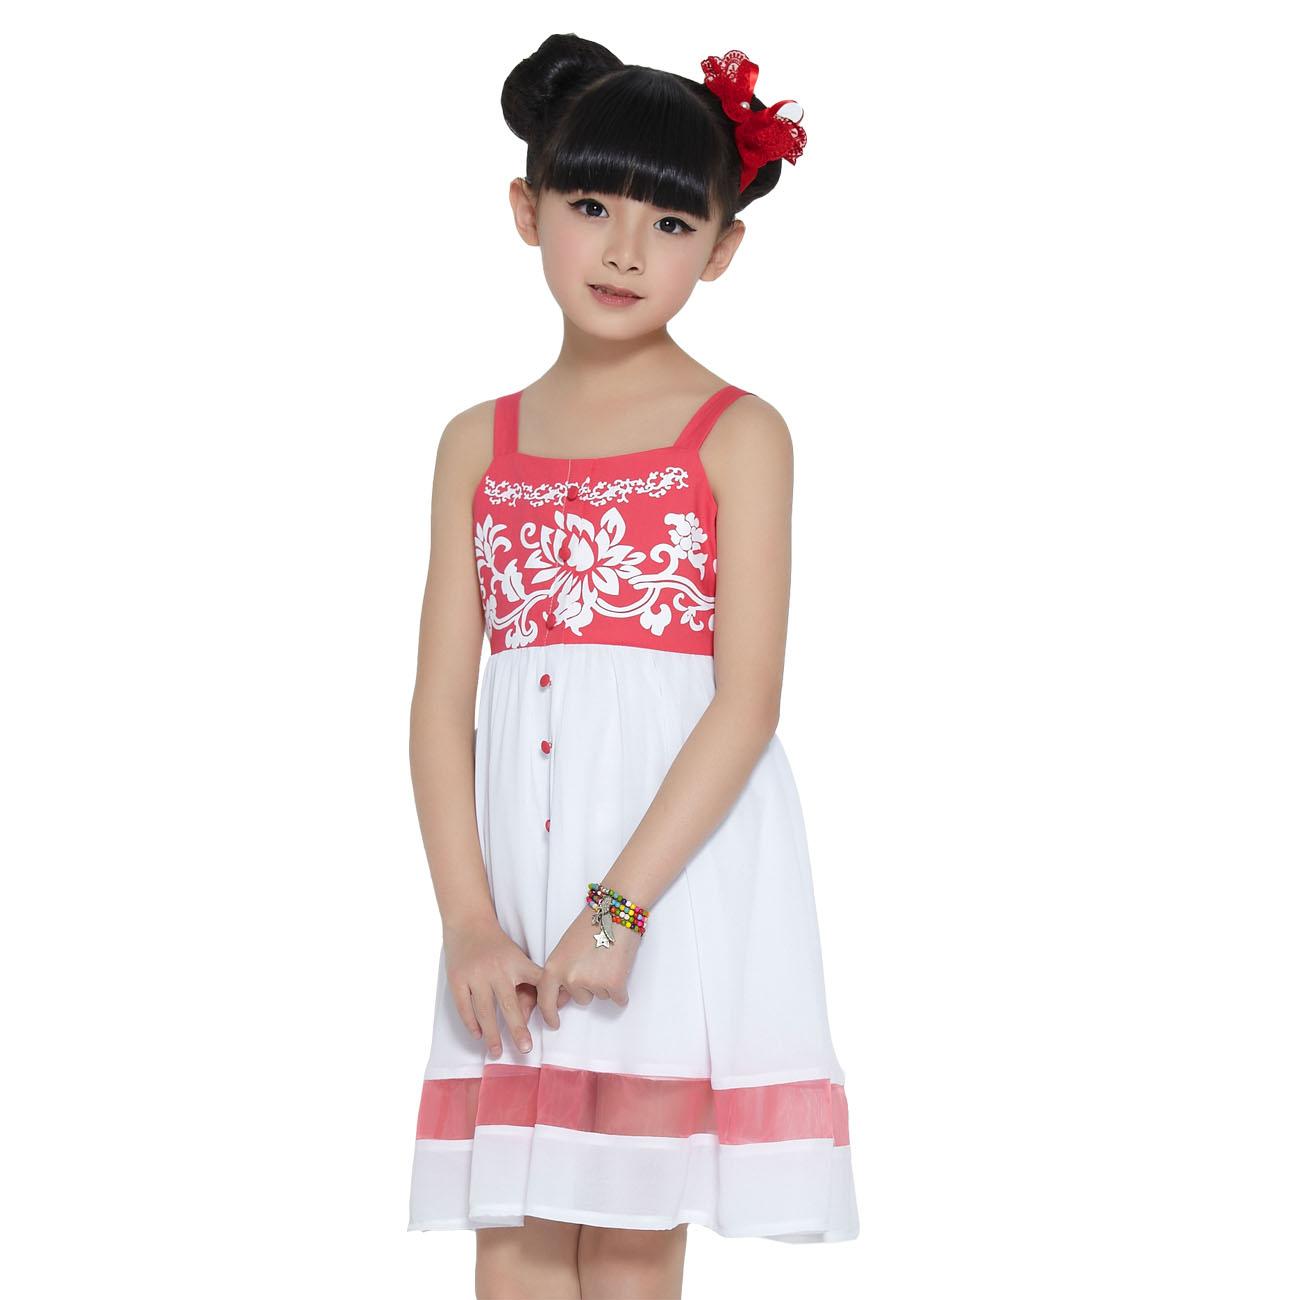 12岁女孩夏装 连衣裙_女孩连衣裙 夏 10-12岁_